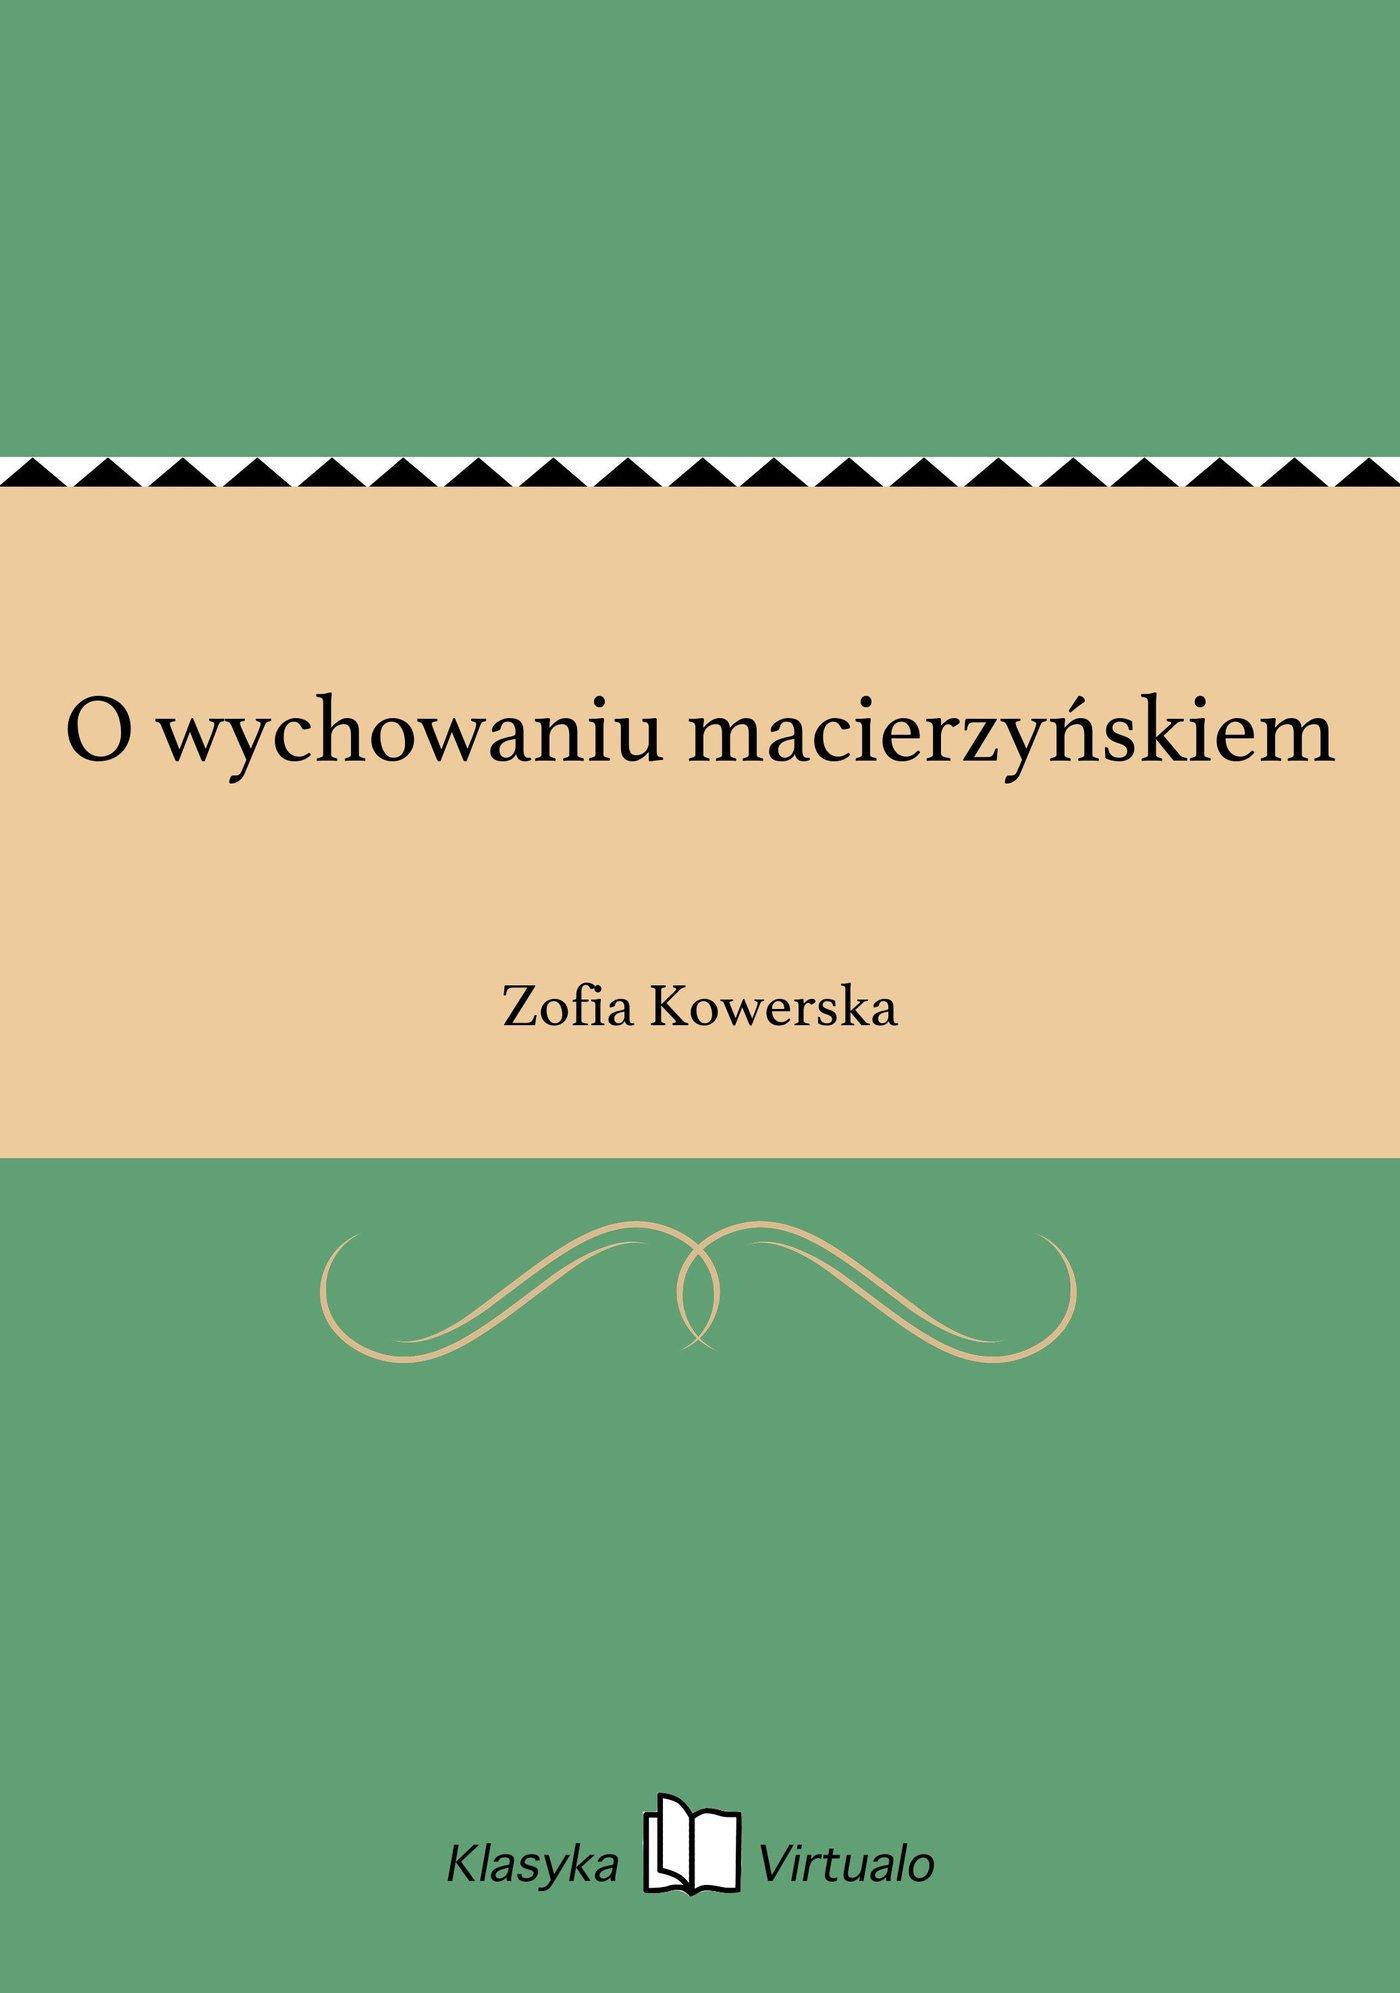 O wychowaniu macierzyńskiem - Ebook (Książka EPUB) do pobrania w formacie EPUB